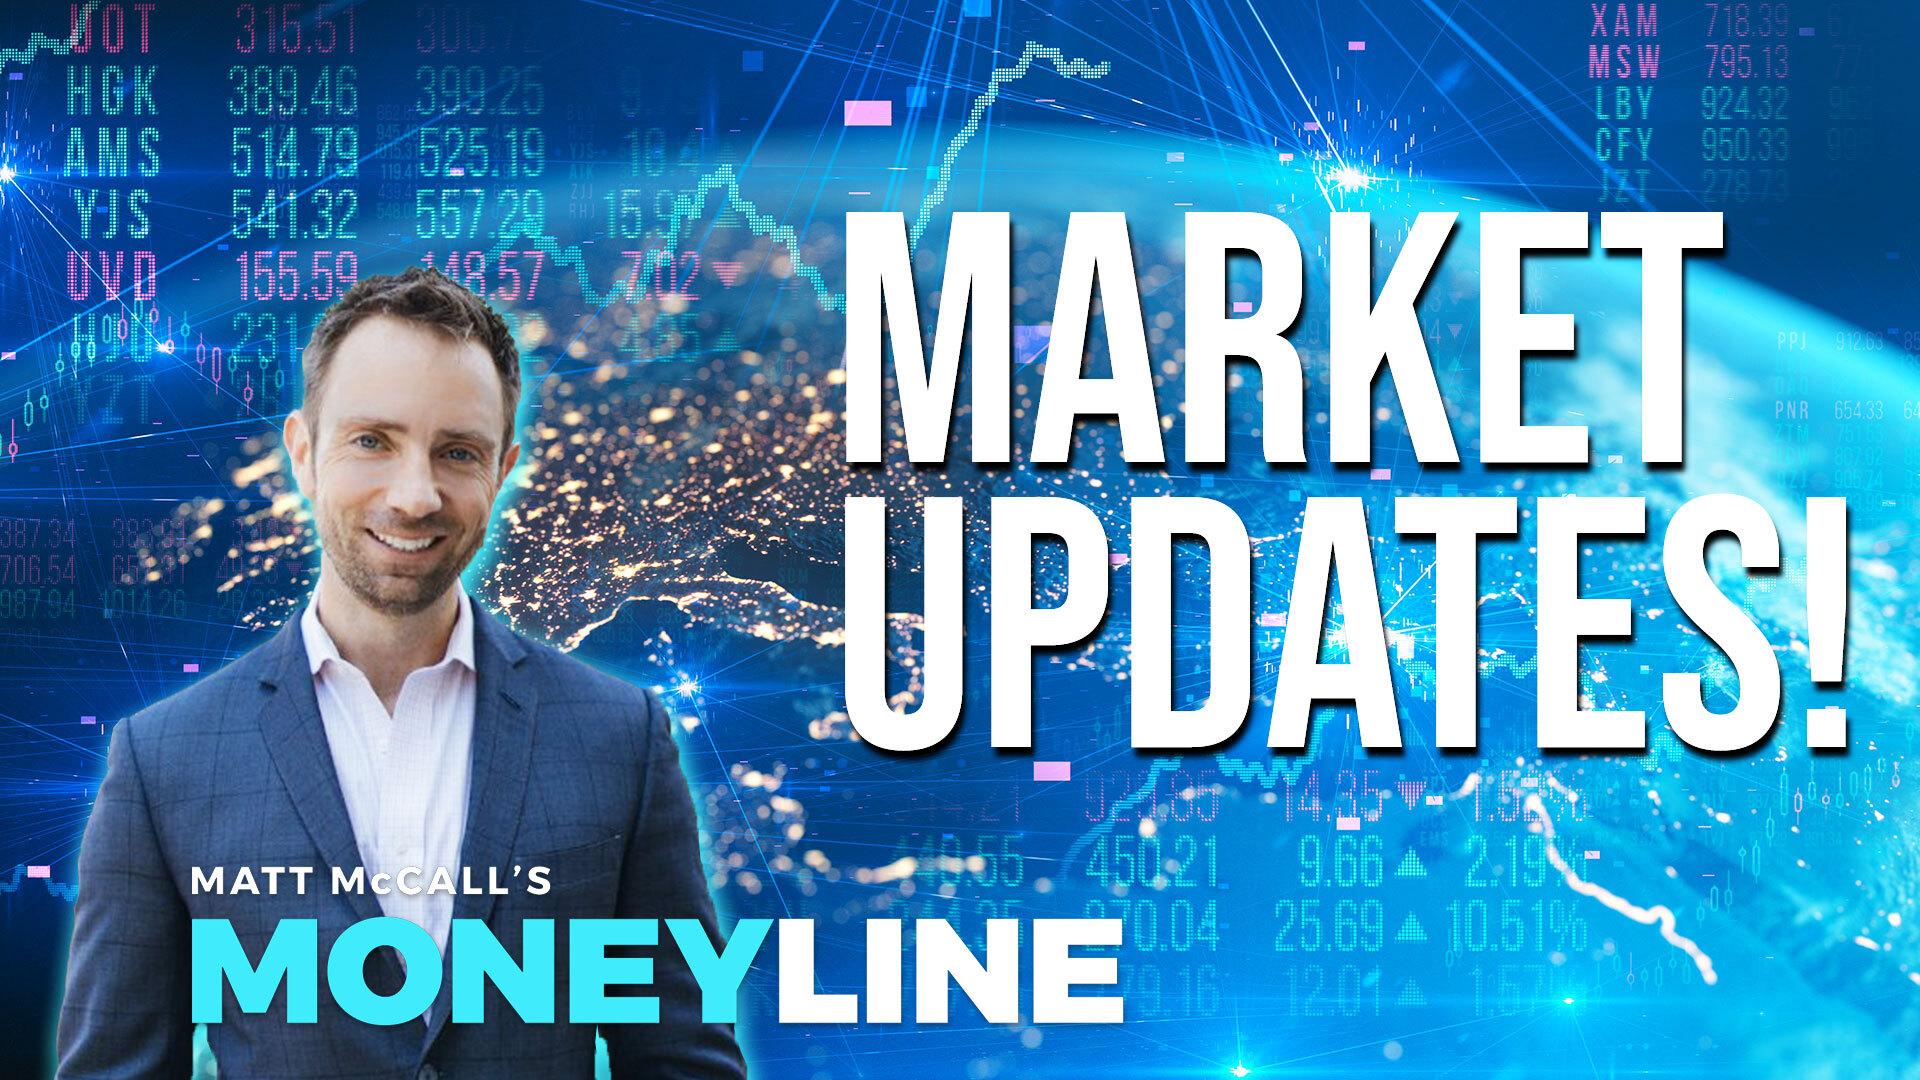 Matt McCall's Moneyline: Market Updates!